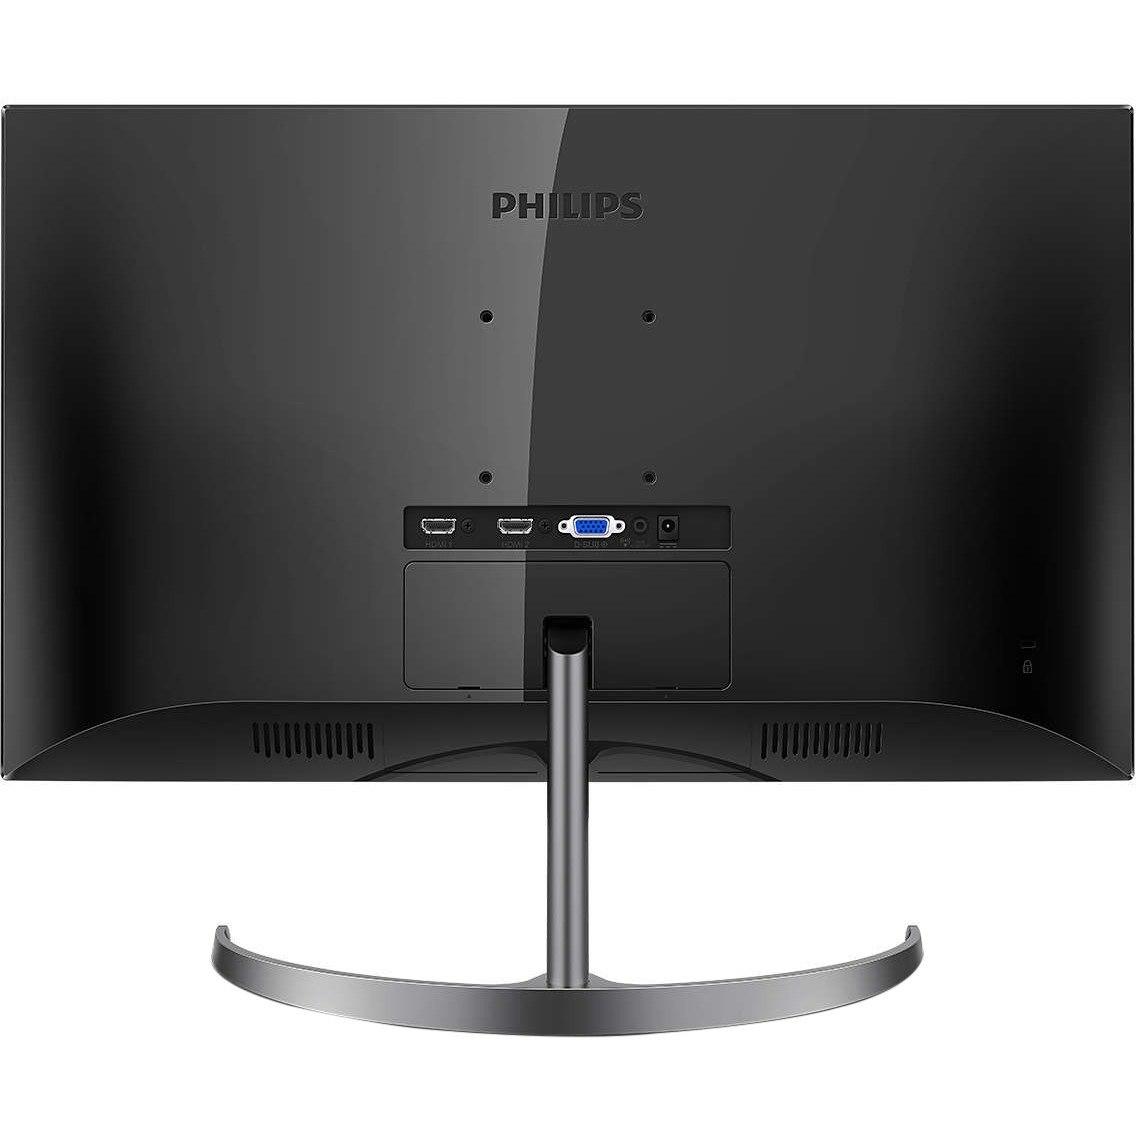 """Philips E-line 241E9 60.5 cm (23.8"""") WLED LCD Monitor - 16:9 - 5 ms GTG"""